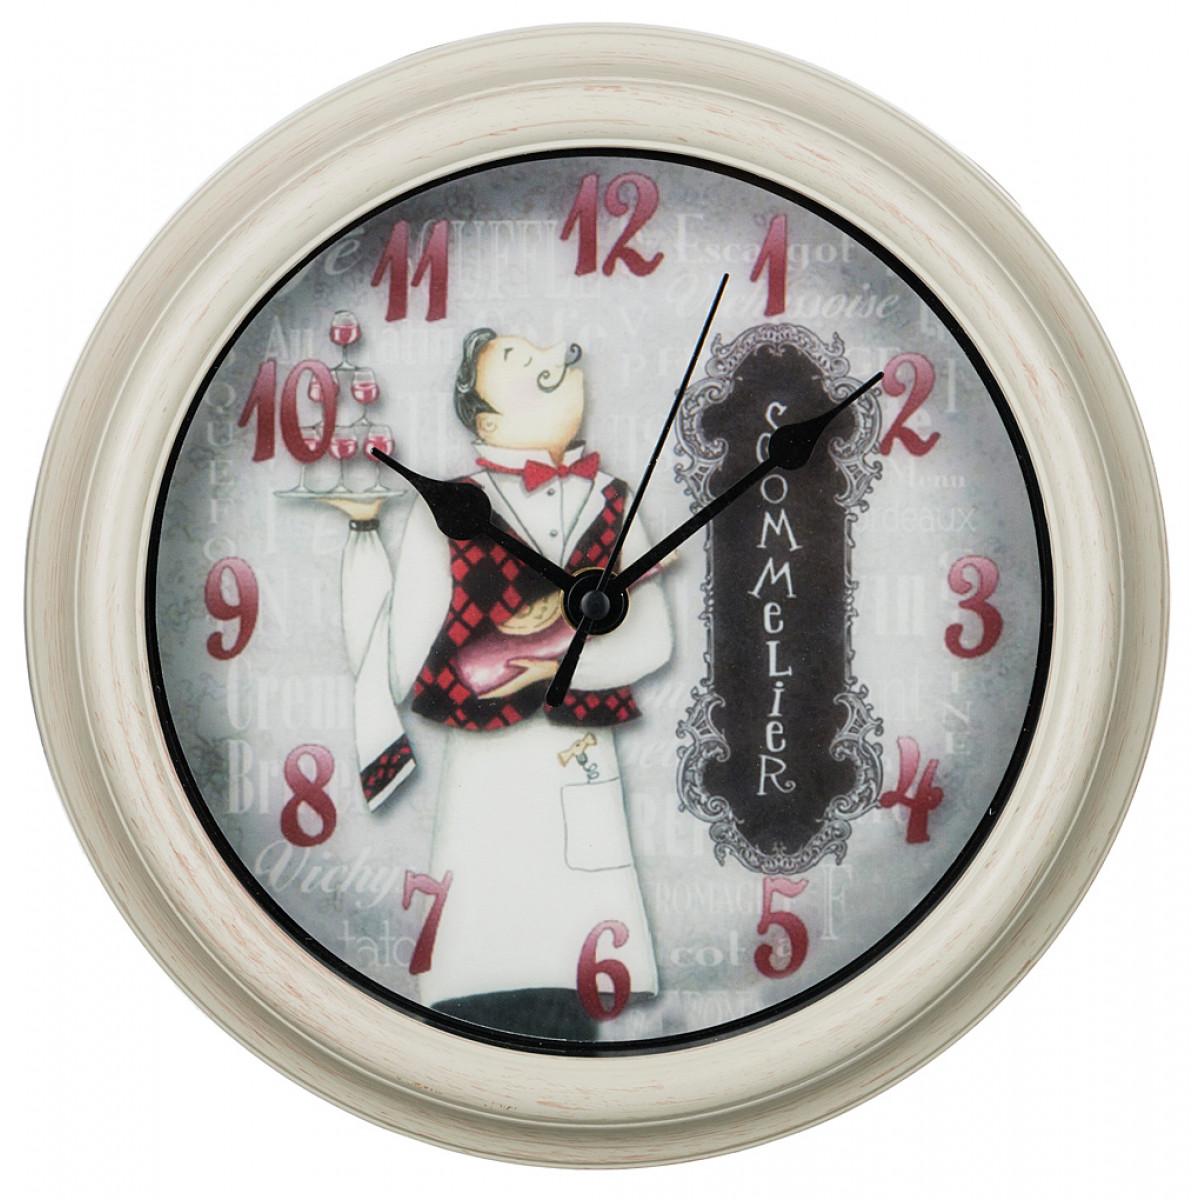 estelle 495 повседневные брюки {} Lefard Часы Estelle  (5х23х23 см)